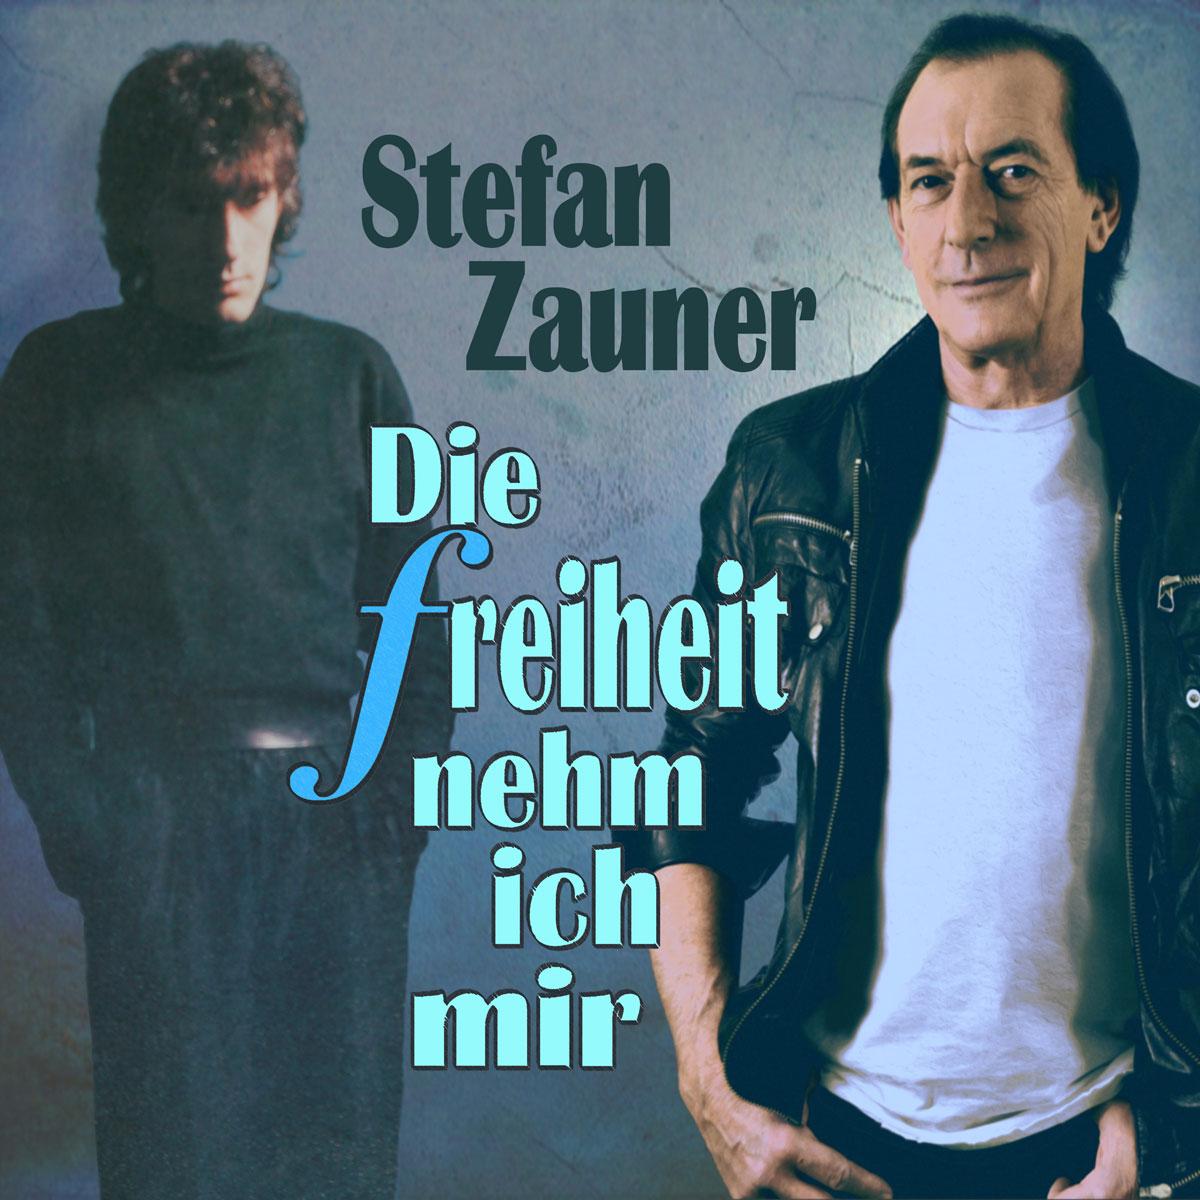 STEFAN ZAUNER - DIE FREIHEIT NEHM ICH MIR